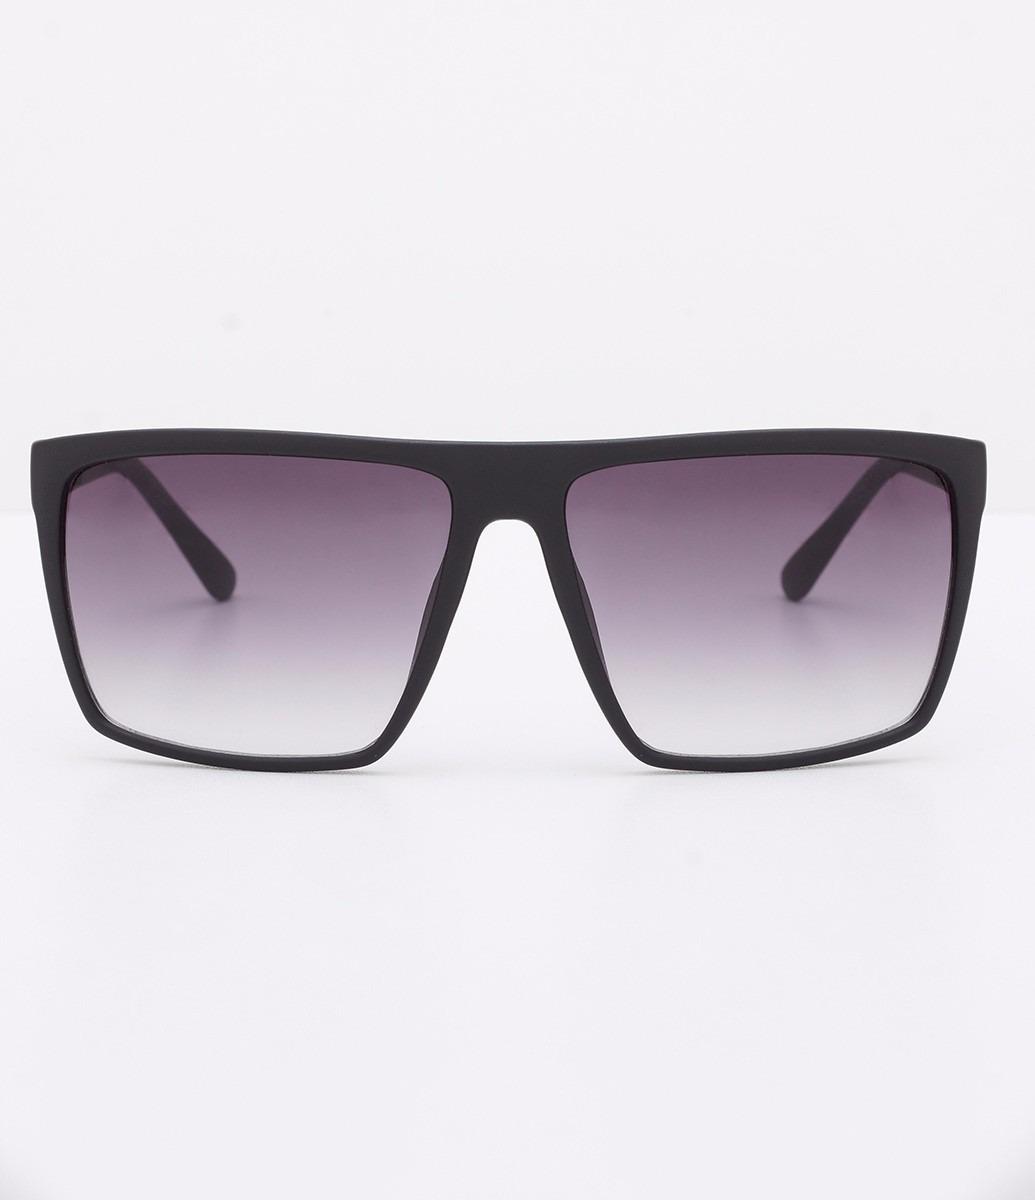 353aa9d20 óculos de sol masculino quadrado - exclusivo loja virtual. Carregando zoom.